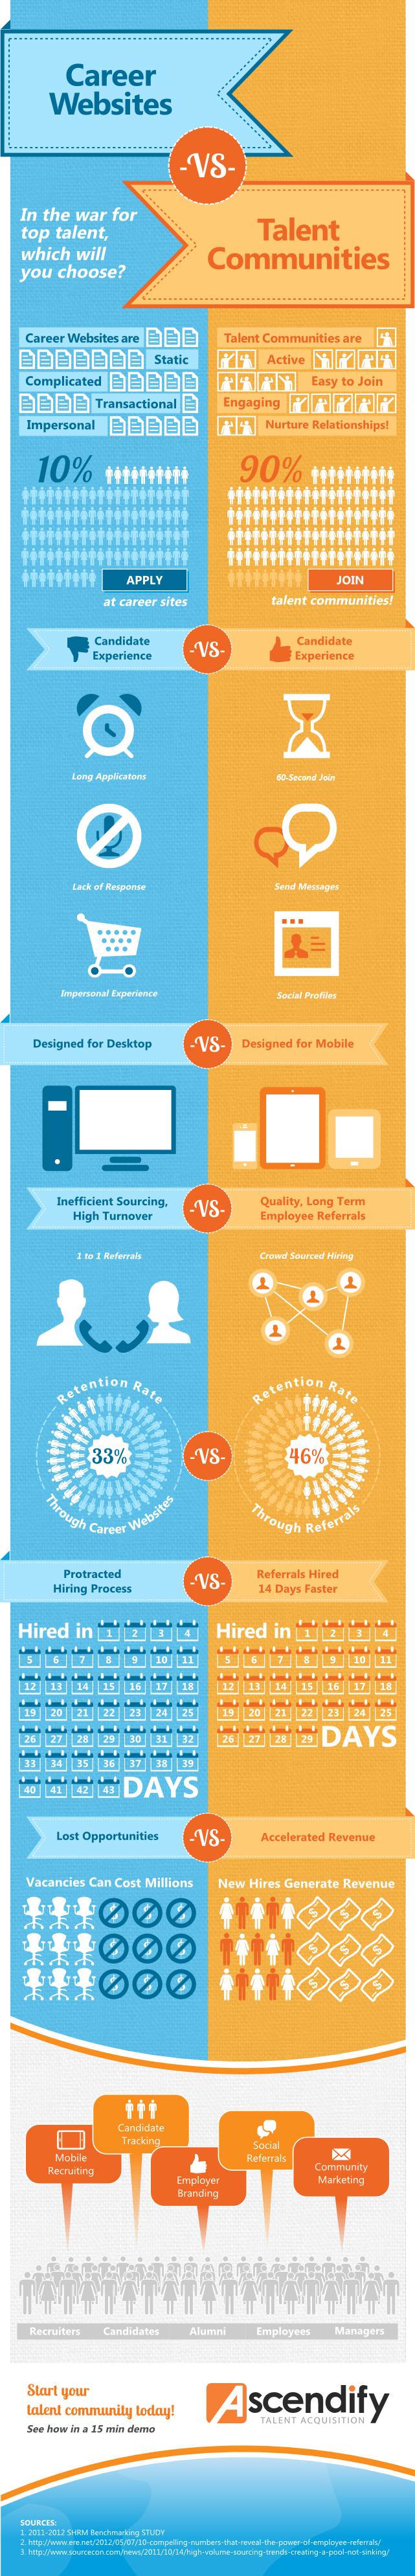 career websites vs talent communities infographic infographics career websites vs talent communities infographic